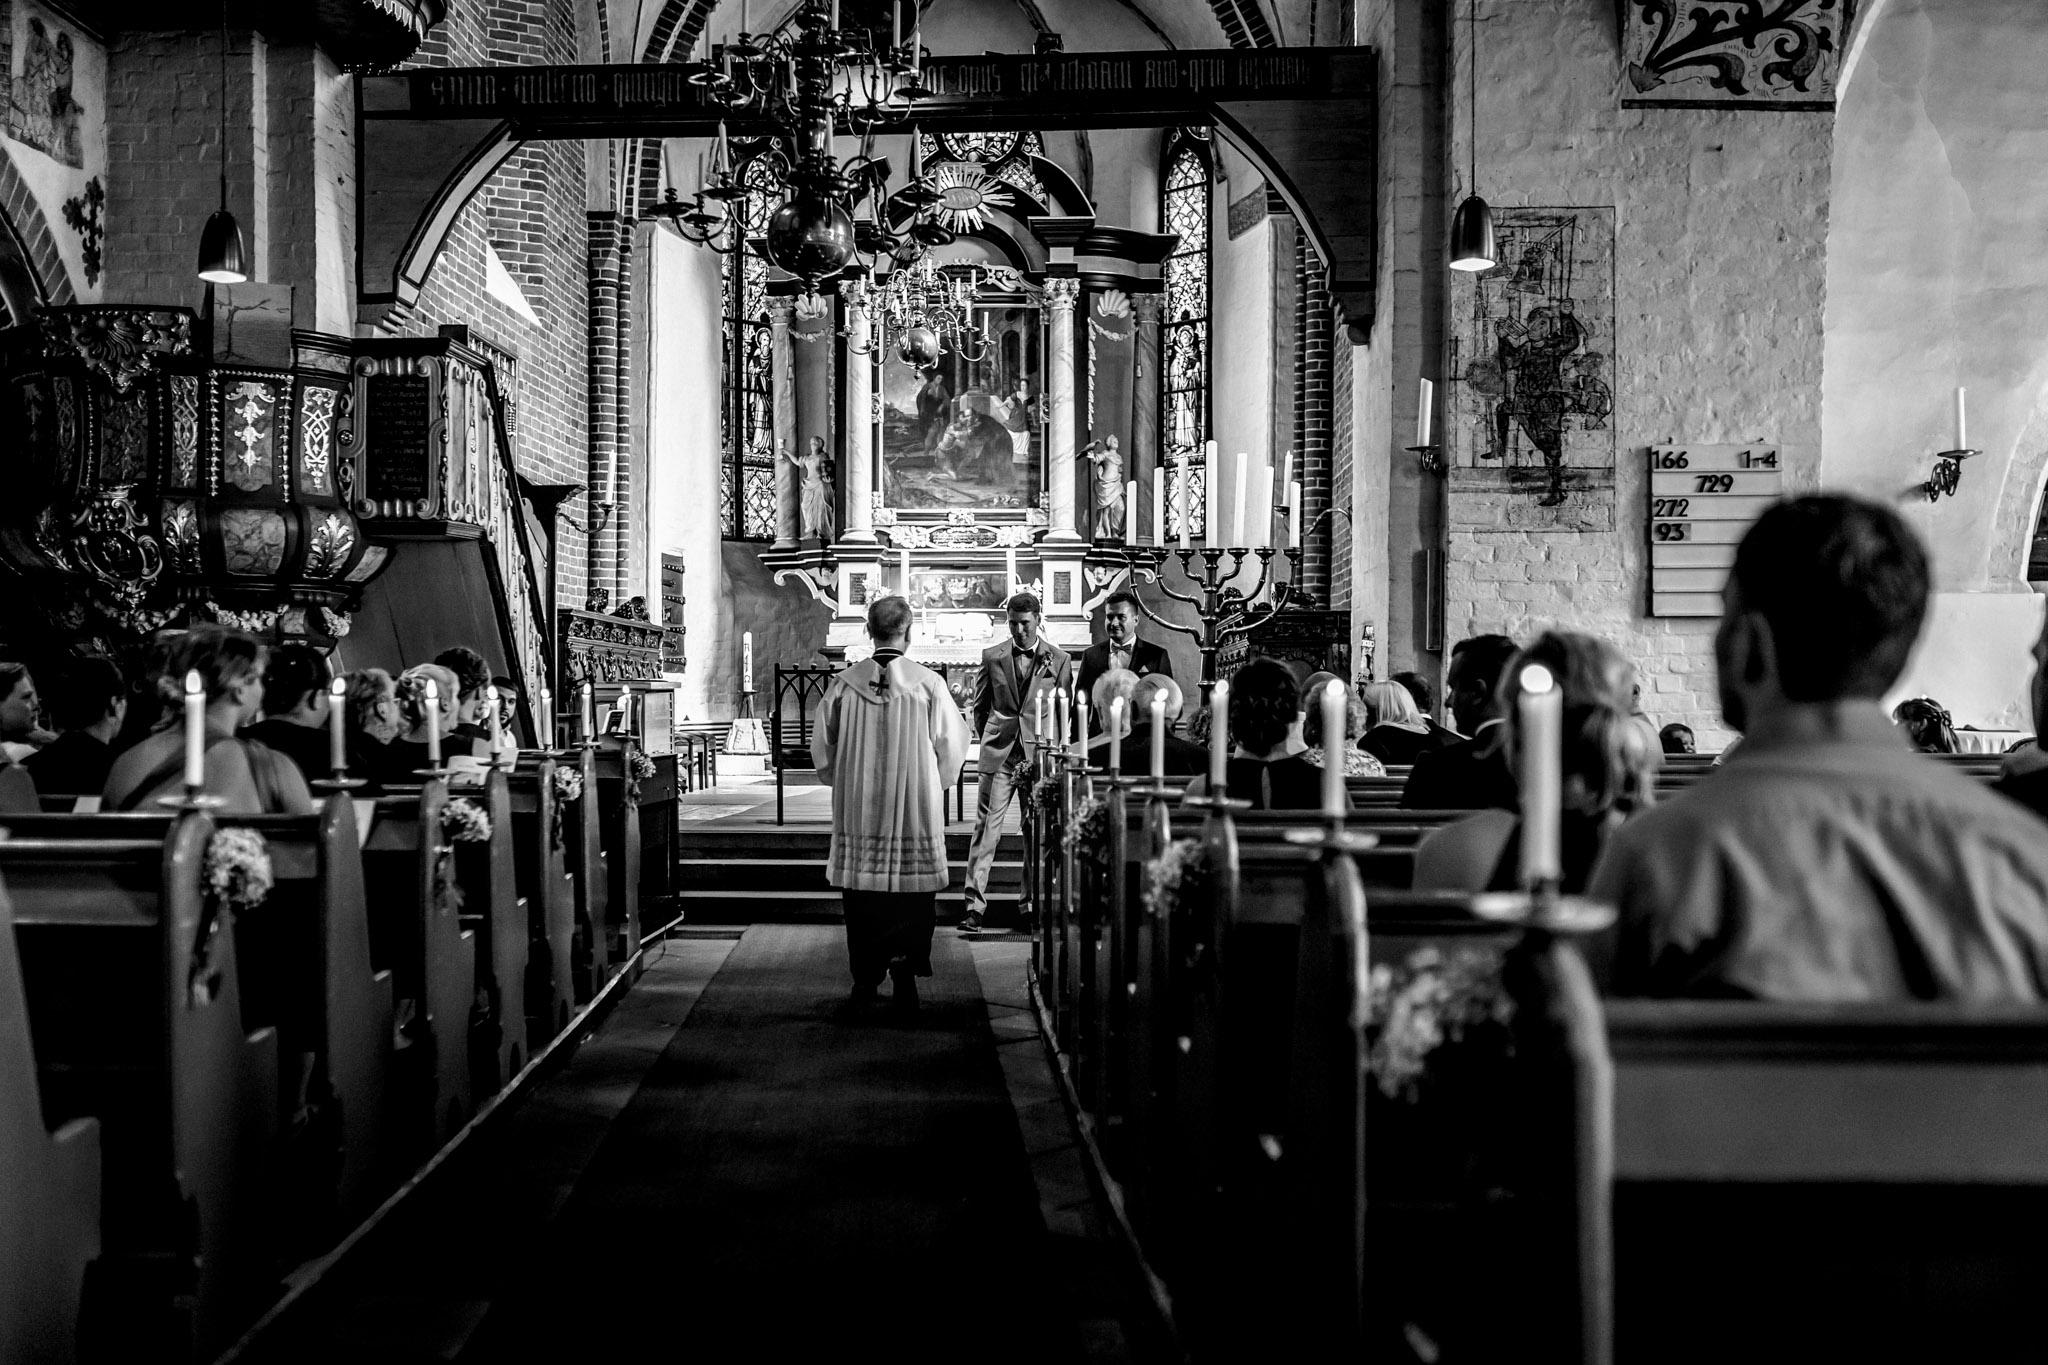 Sven Schomburg Hochzeitsfotografie, Hamburg, Mölln, Hochzeitsfieber by Photo-Schomburg, Hochzeitsreportage, Forsthaus Waldhusen, Braut, Bräutigam-23